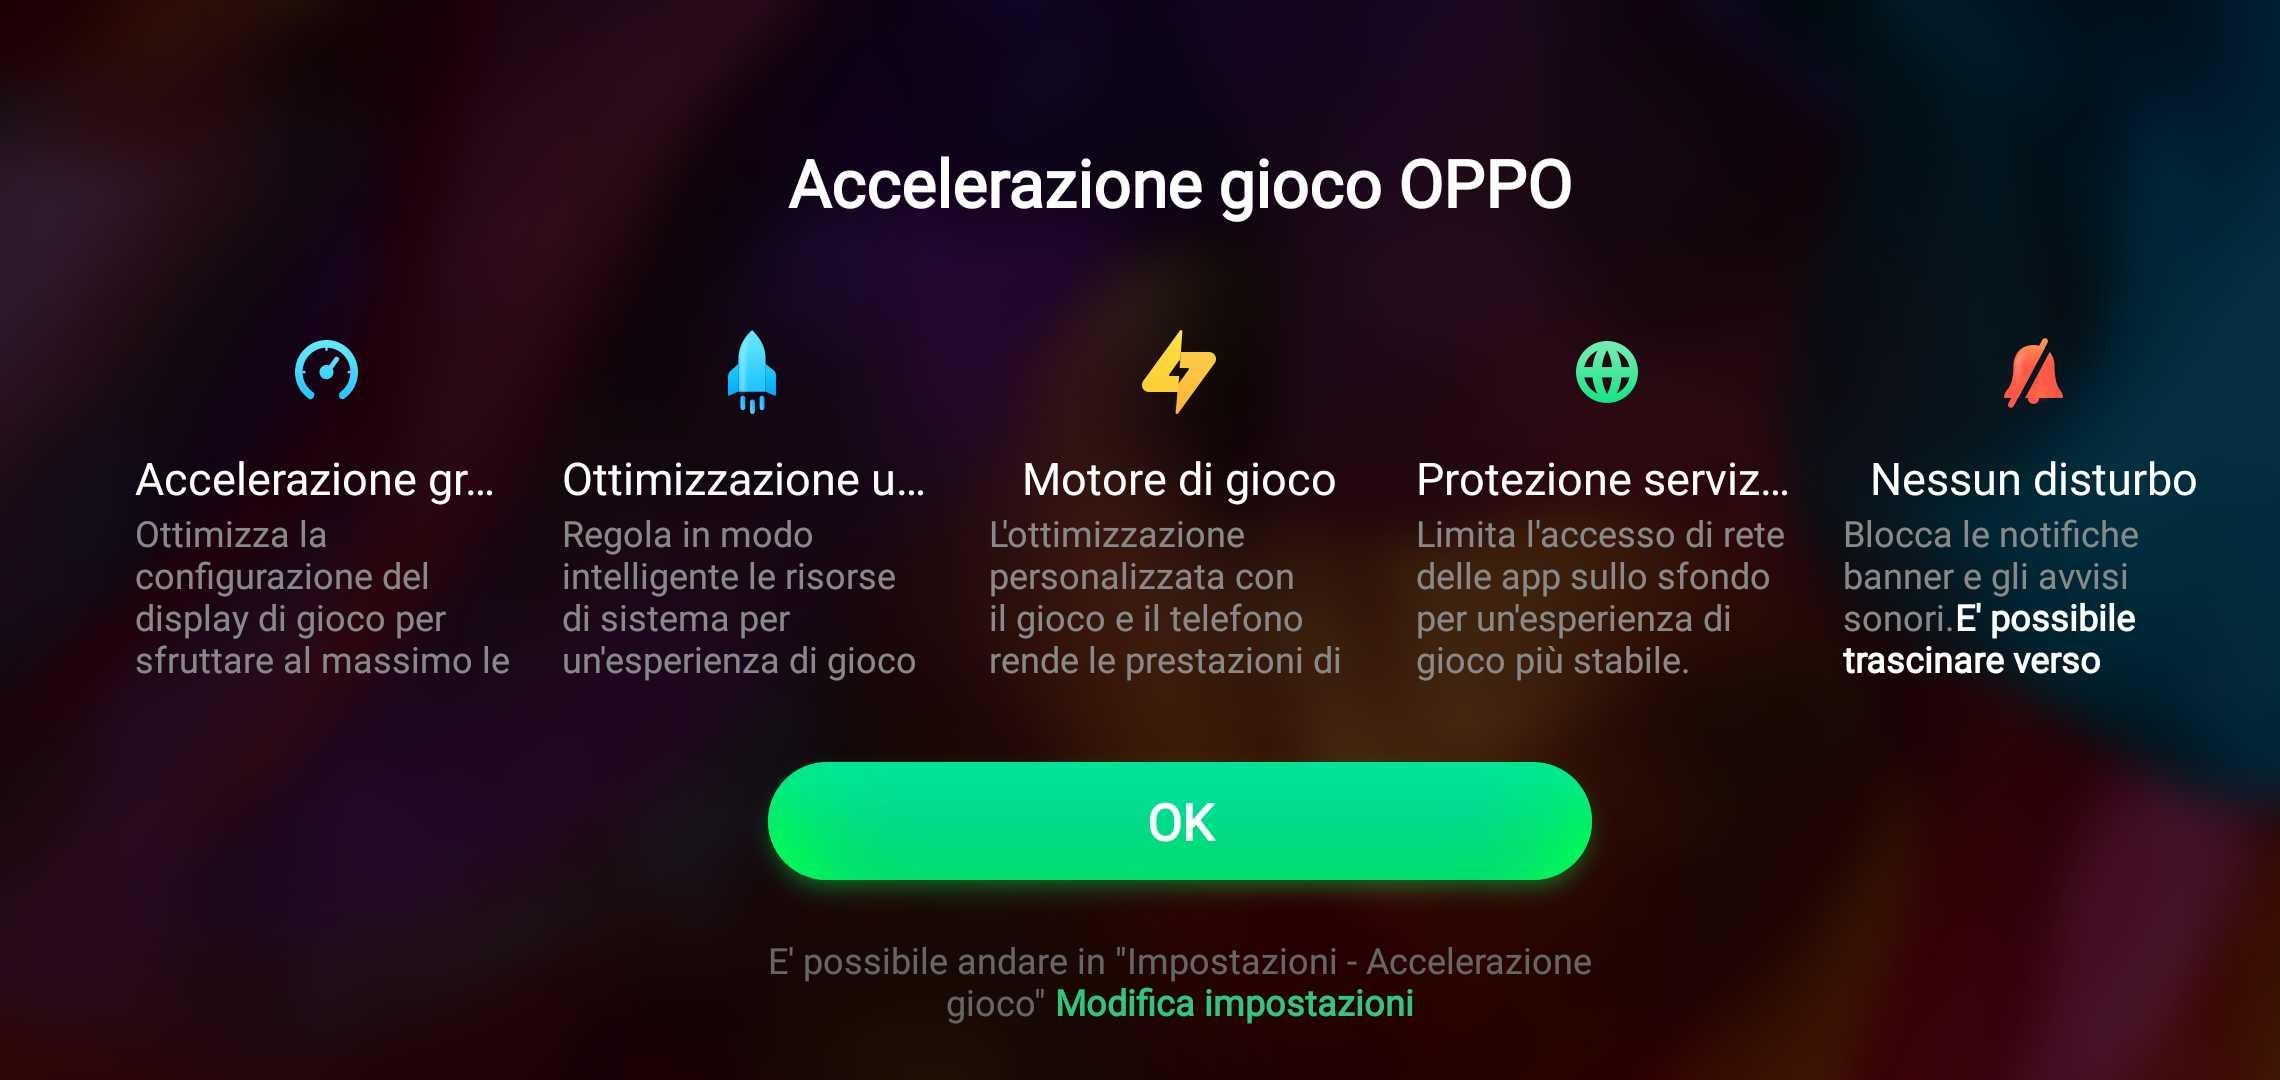 OPPO R15 Pro accelerazione gioco